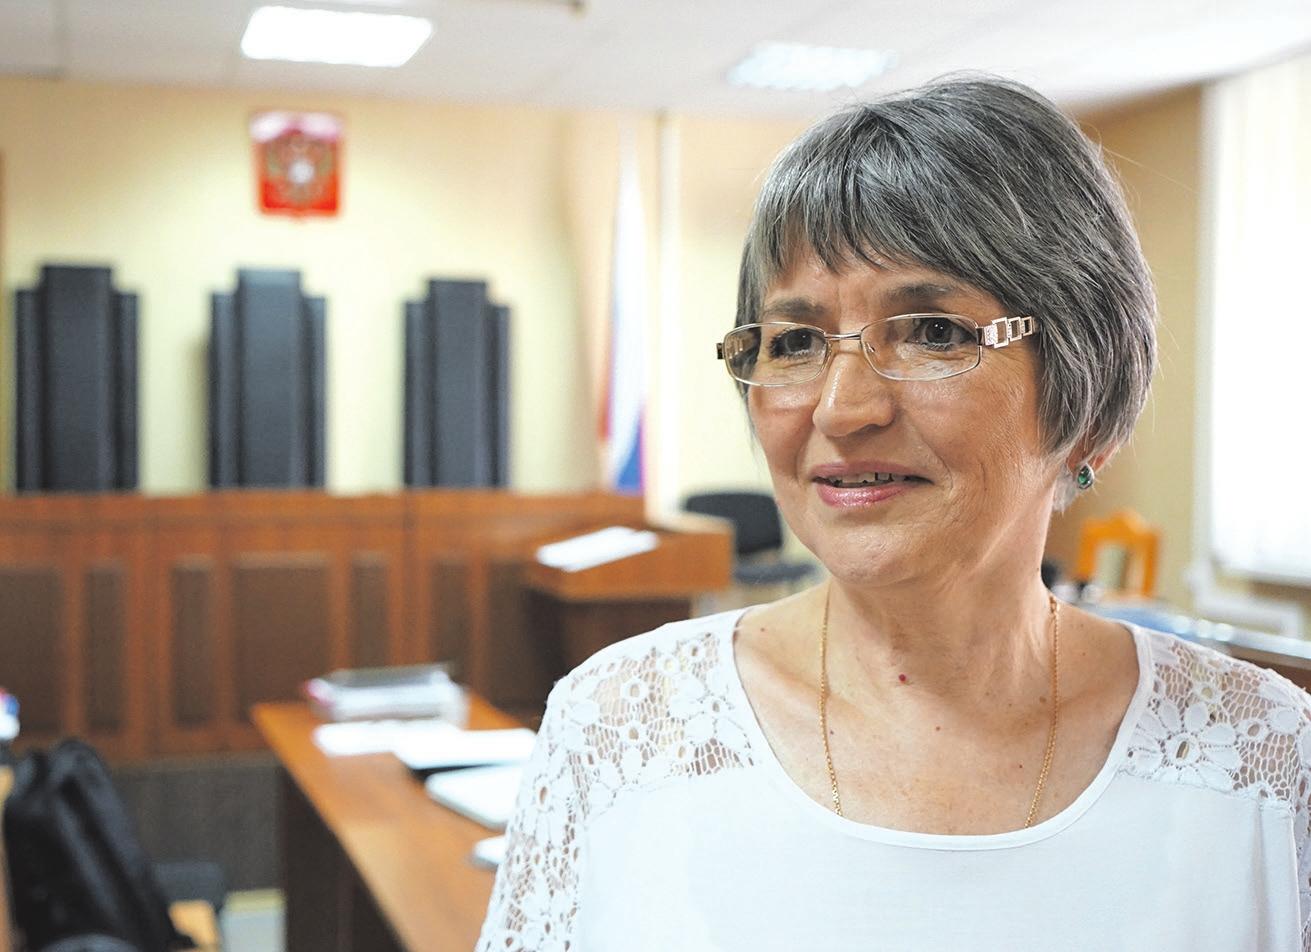 Ольга Зеленина. Фото Наталии Деминой